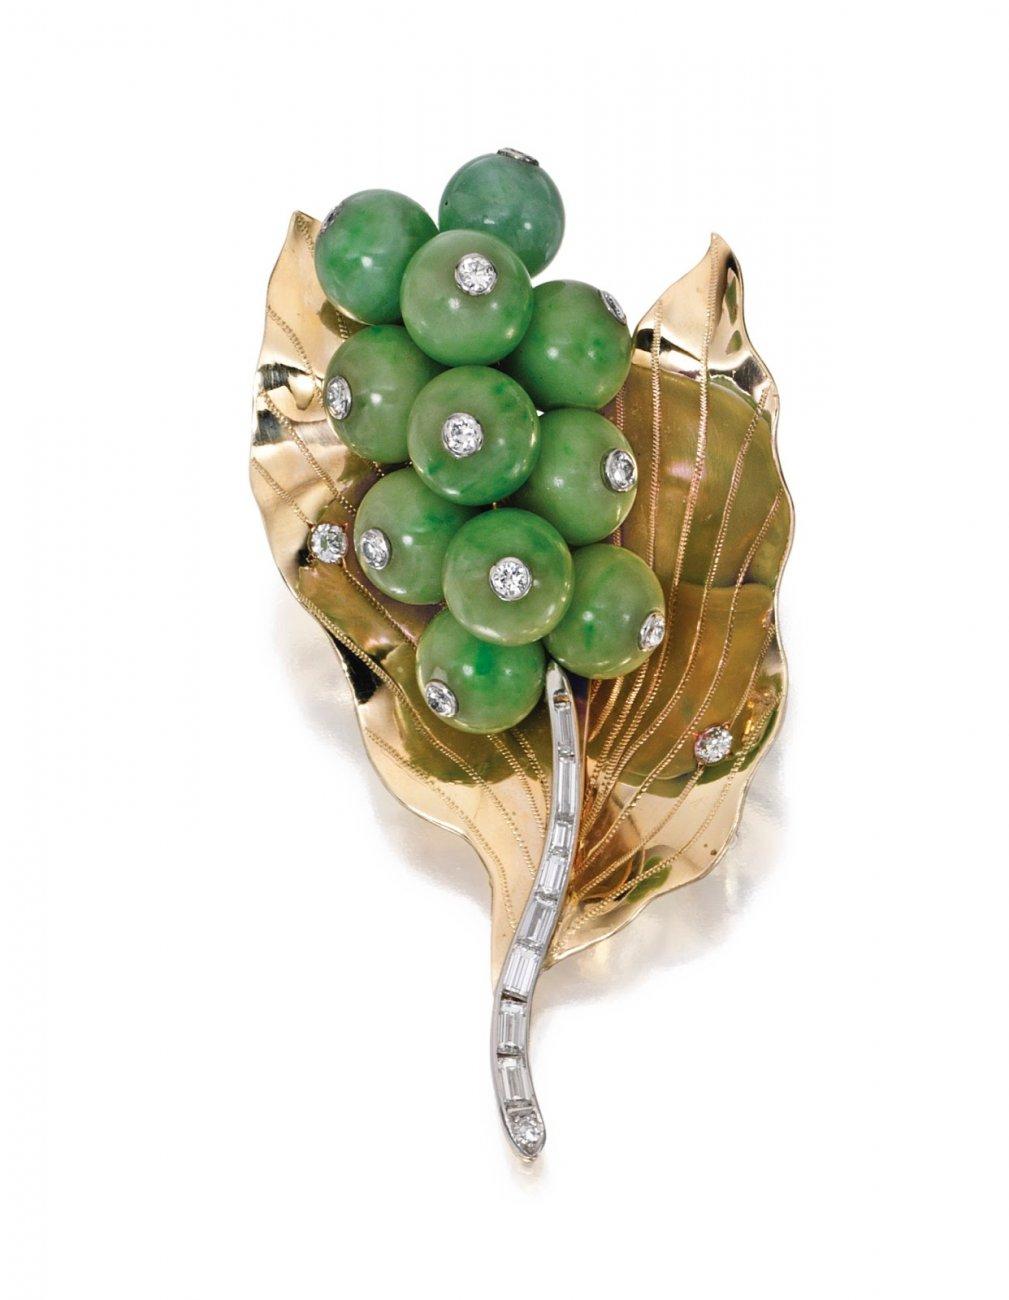 18 Karat Gold, Jade and Diamond Brooch, Cartier, Circa 1950.jpg